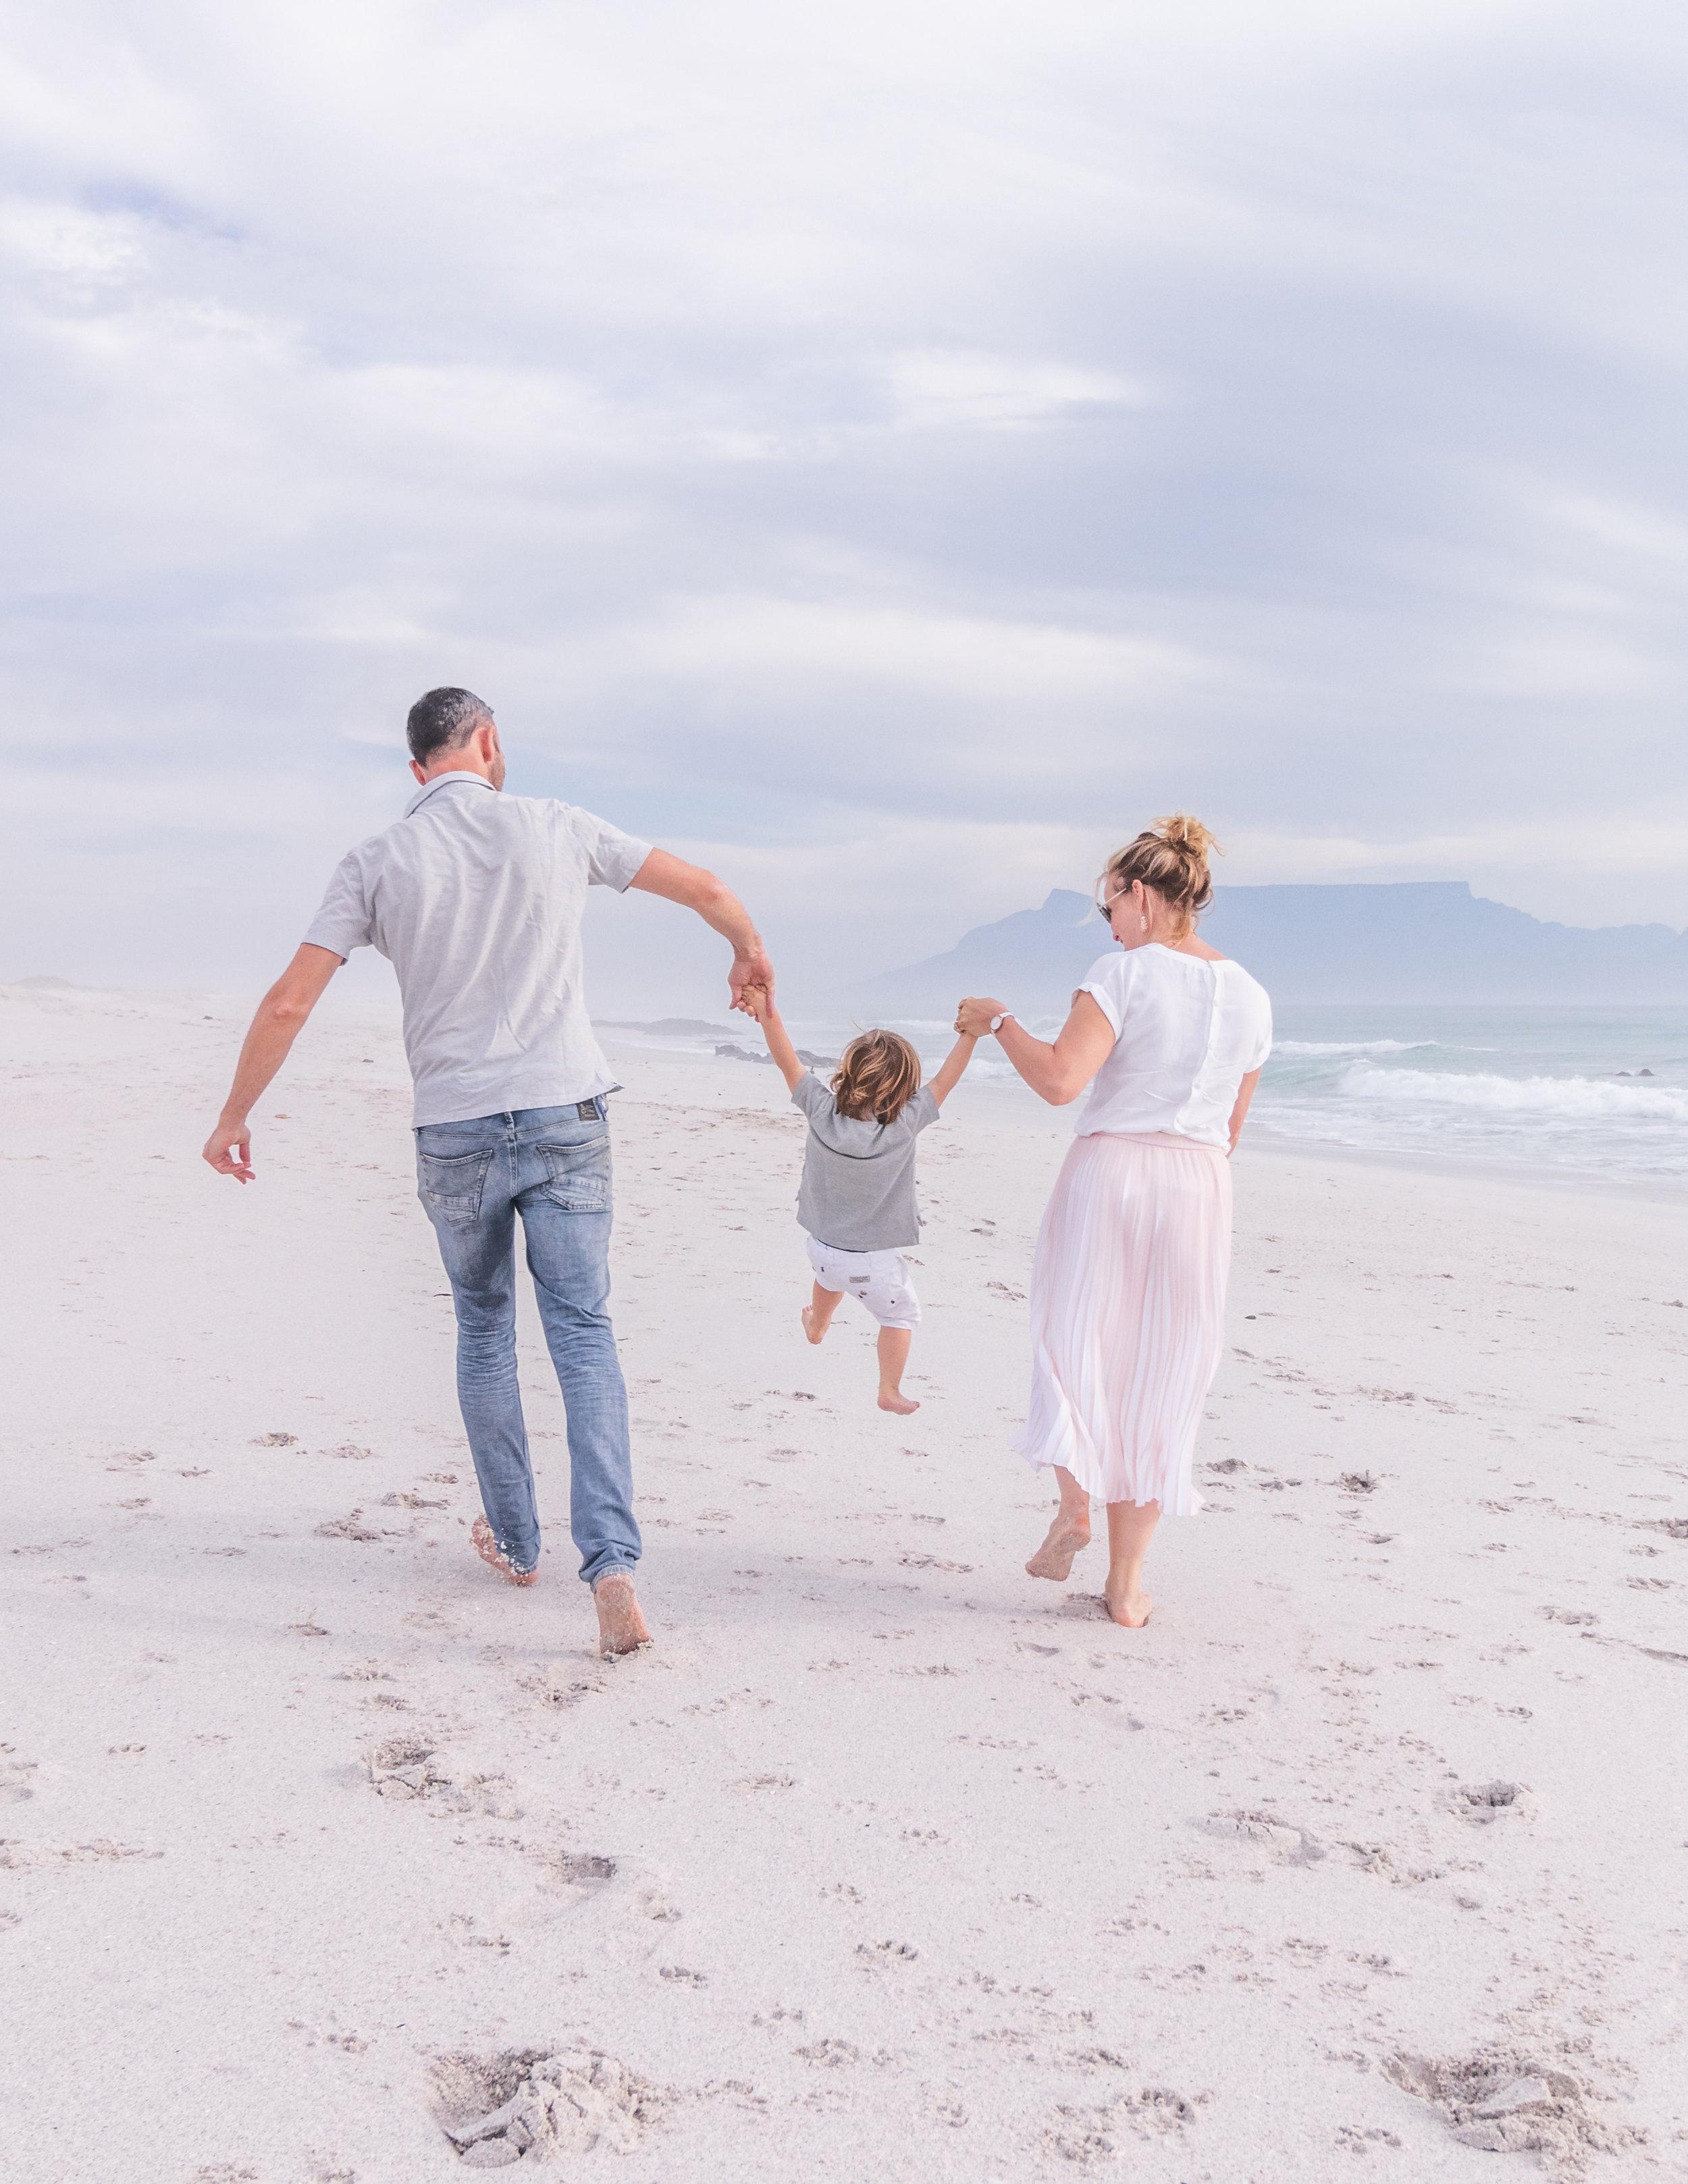 Ken Treloar Photography - Monteban Family Photos - Cape Town 2018 (high-res)-9.jpg